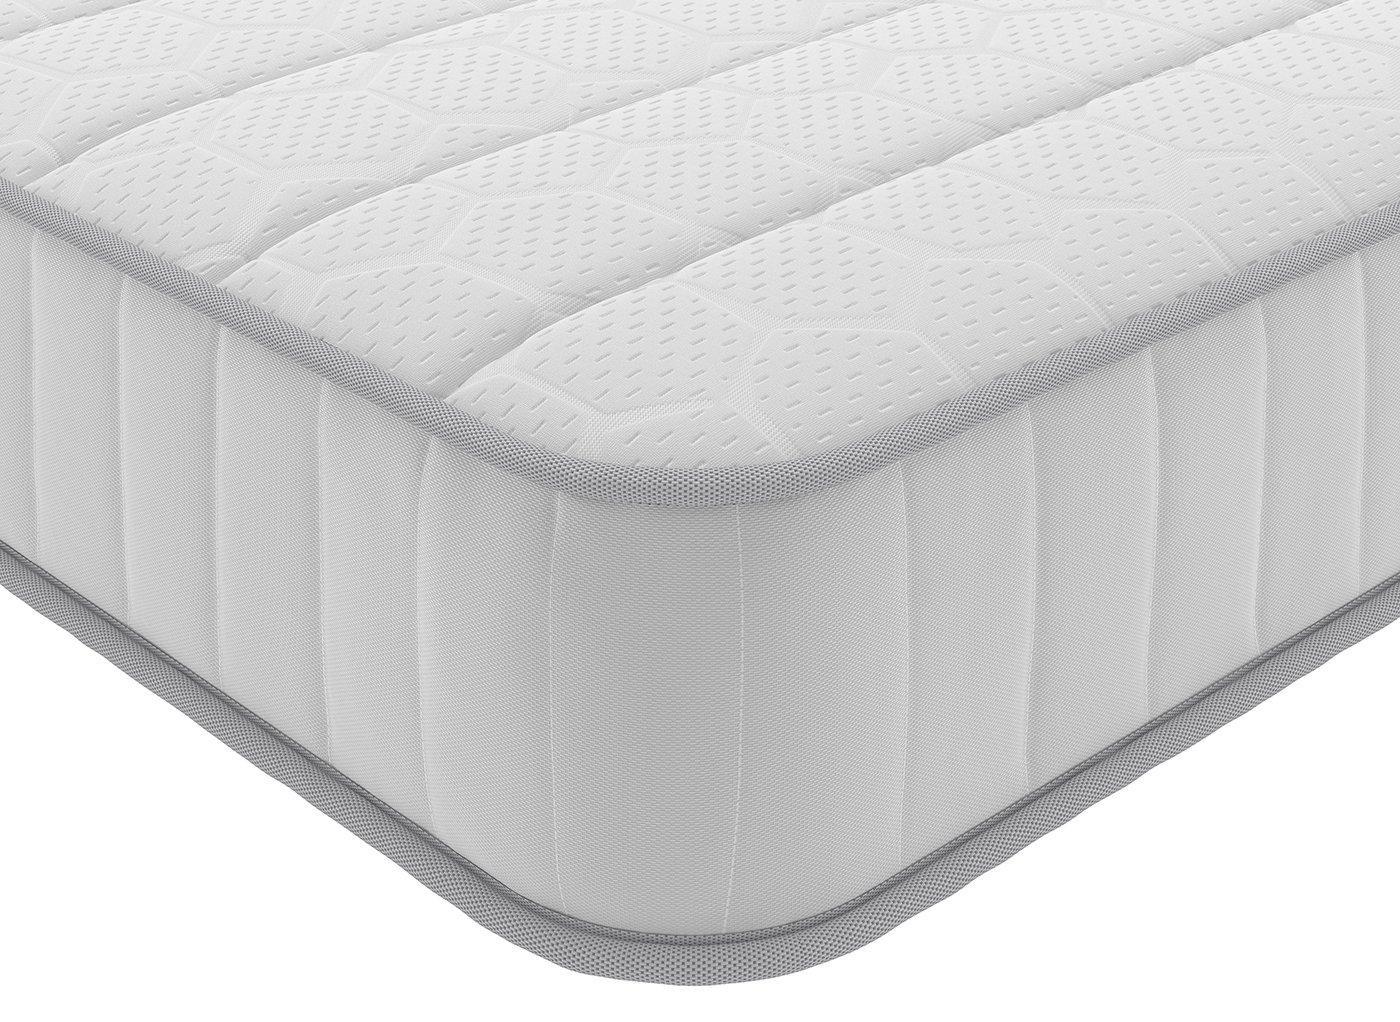 kira-pocket-sprung-mattress